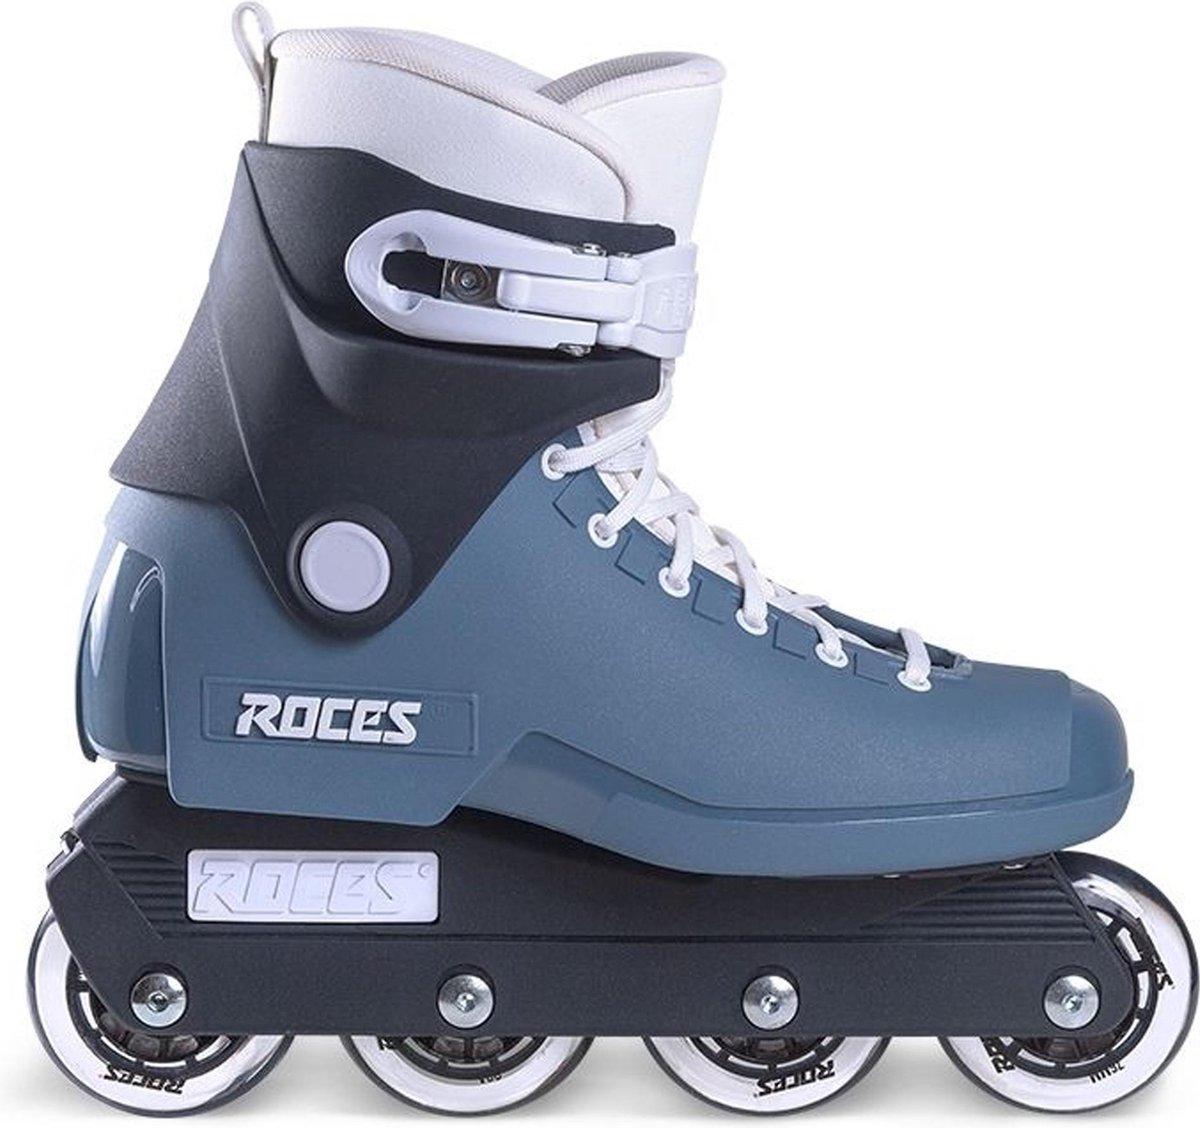 Roces 1992 Inlineskates - Maat 42 - Unisex - grijs/blauw/zwart/wit